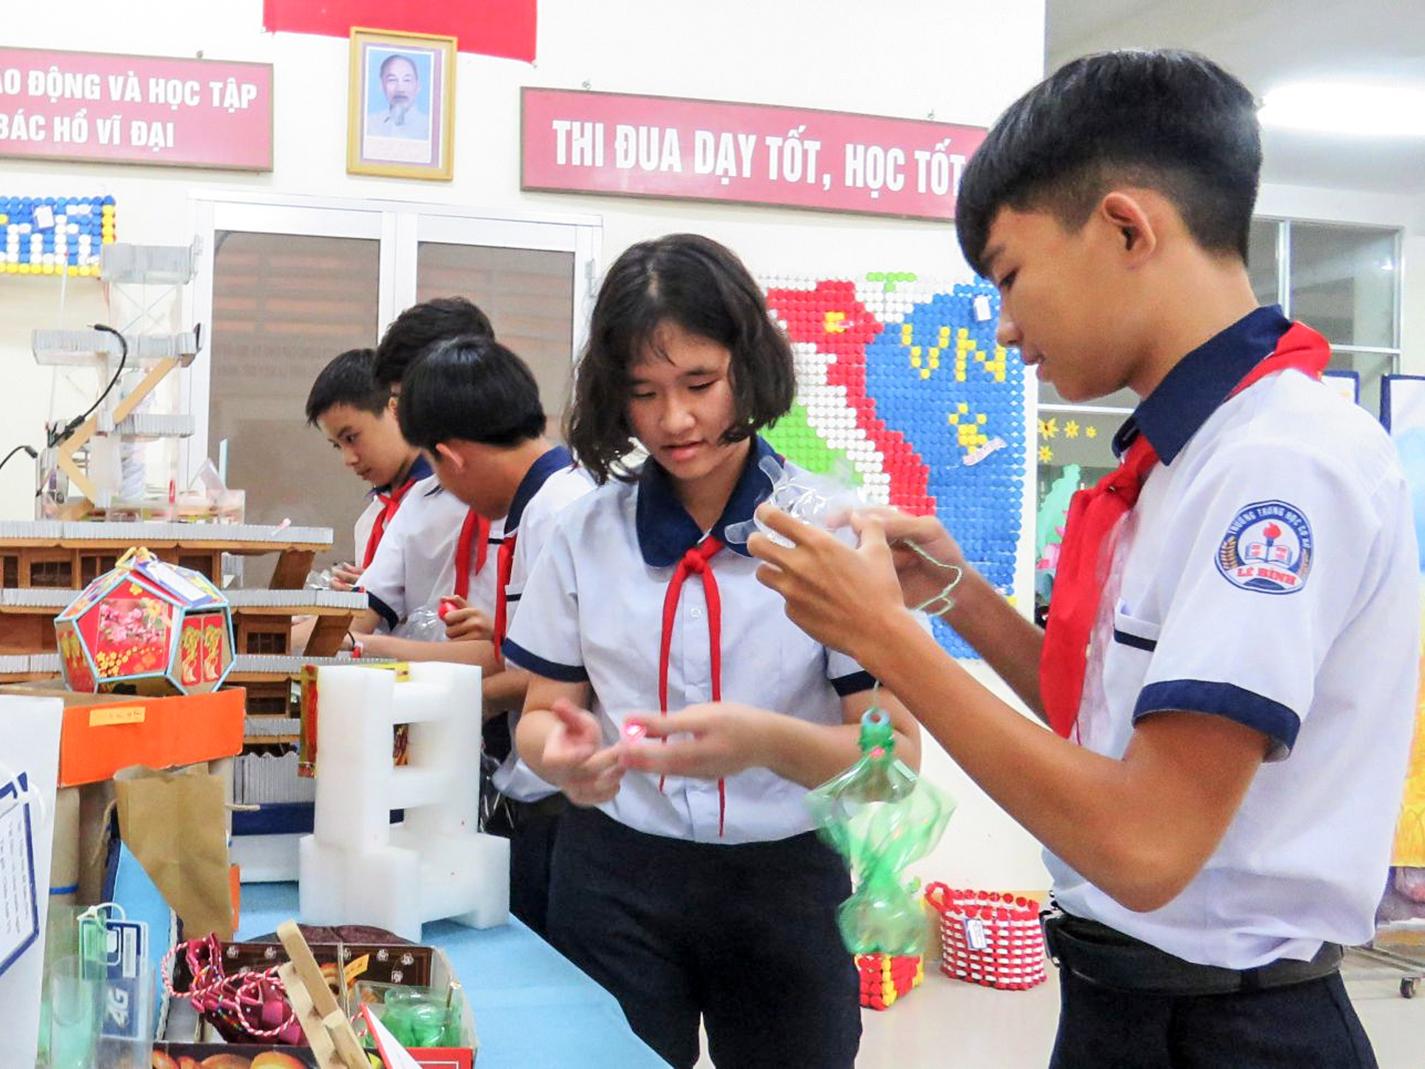 Học sinh Trường THCS Lê Bình (quận Cái Răng) trong giờ hoạt động ngoại khóa.